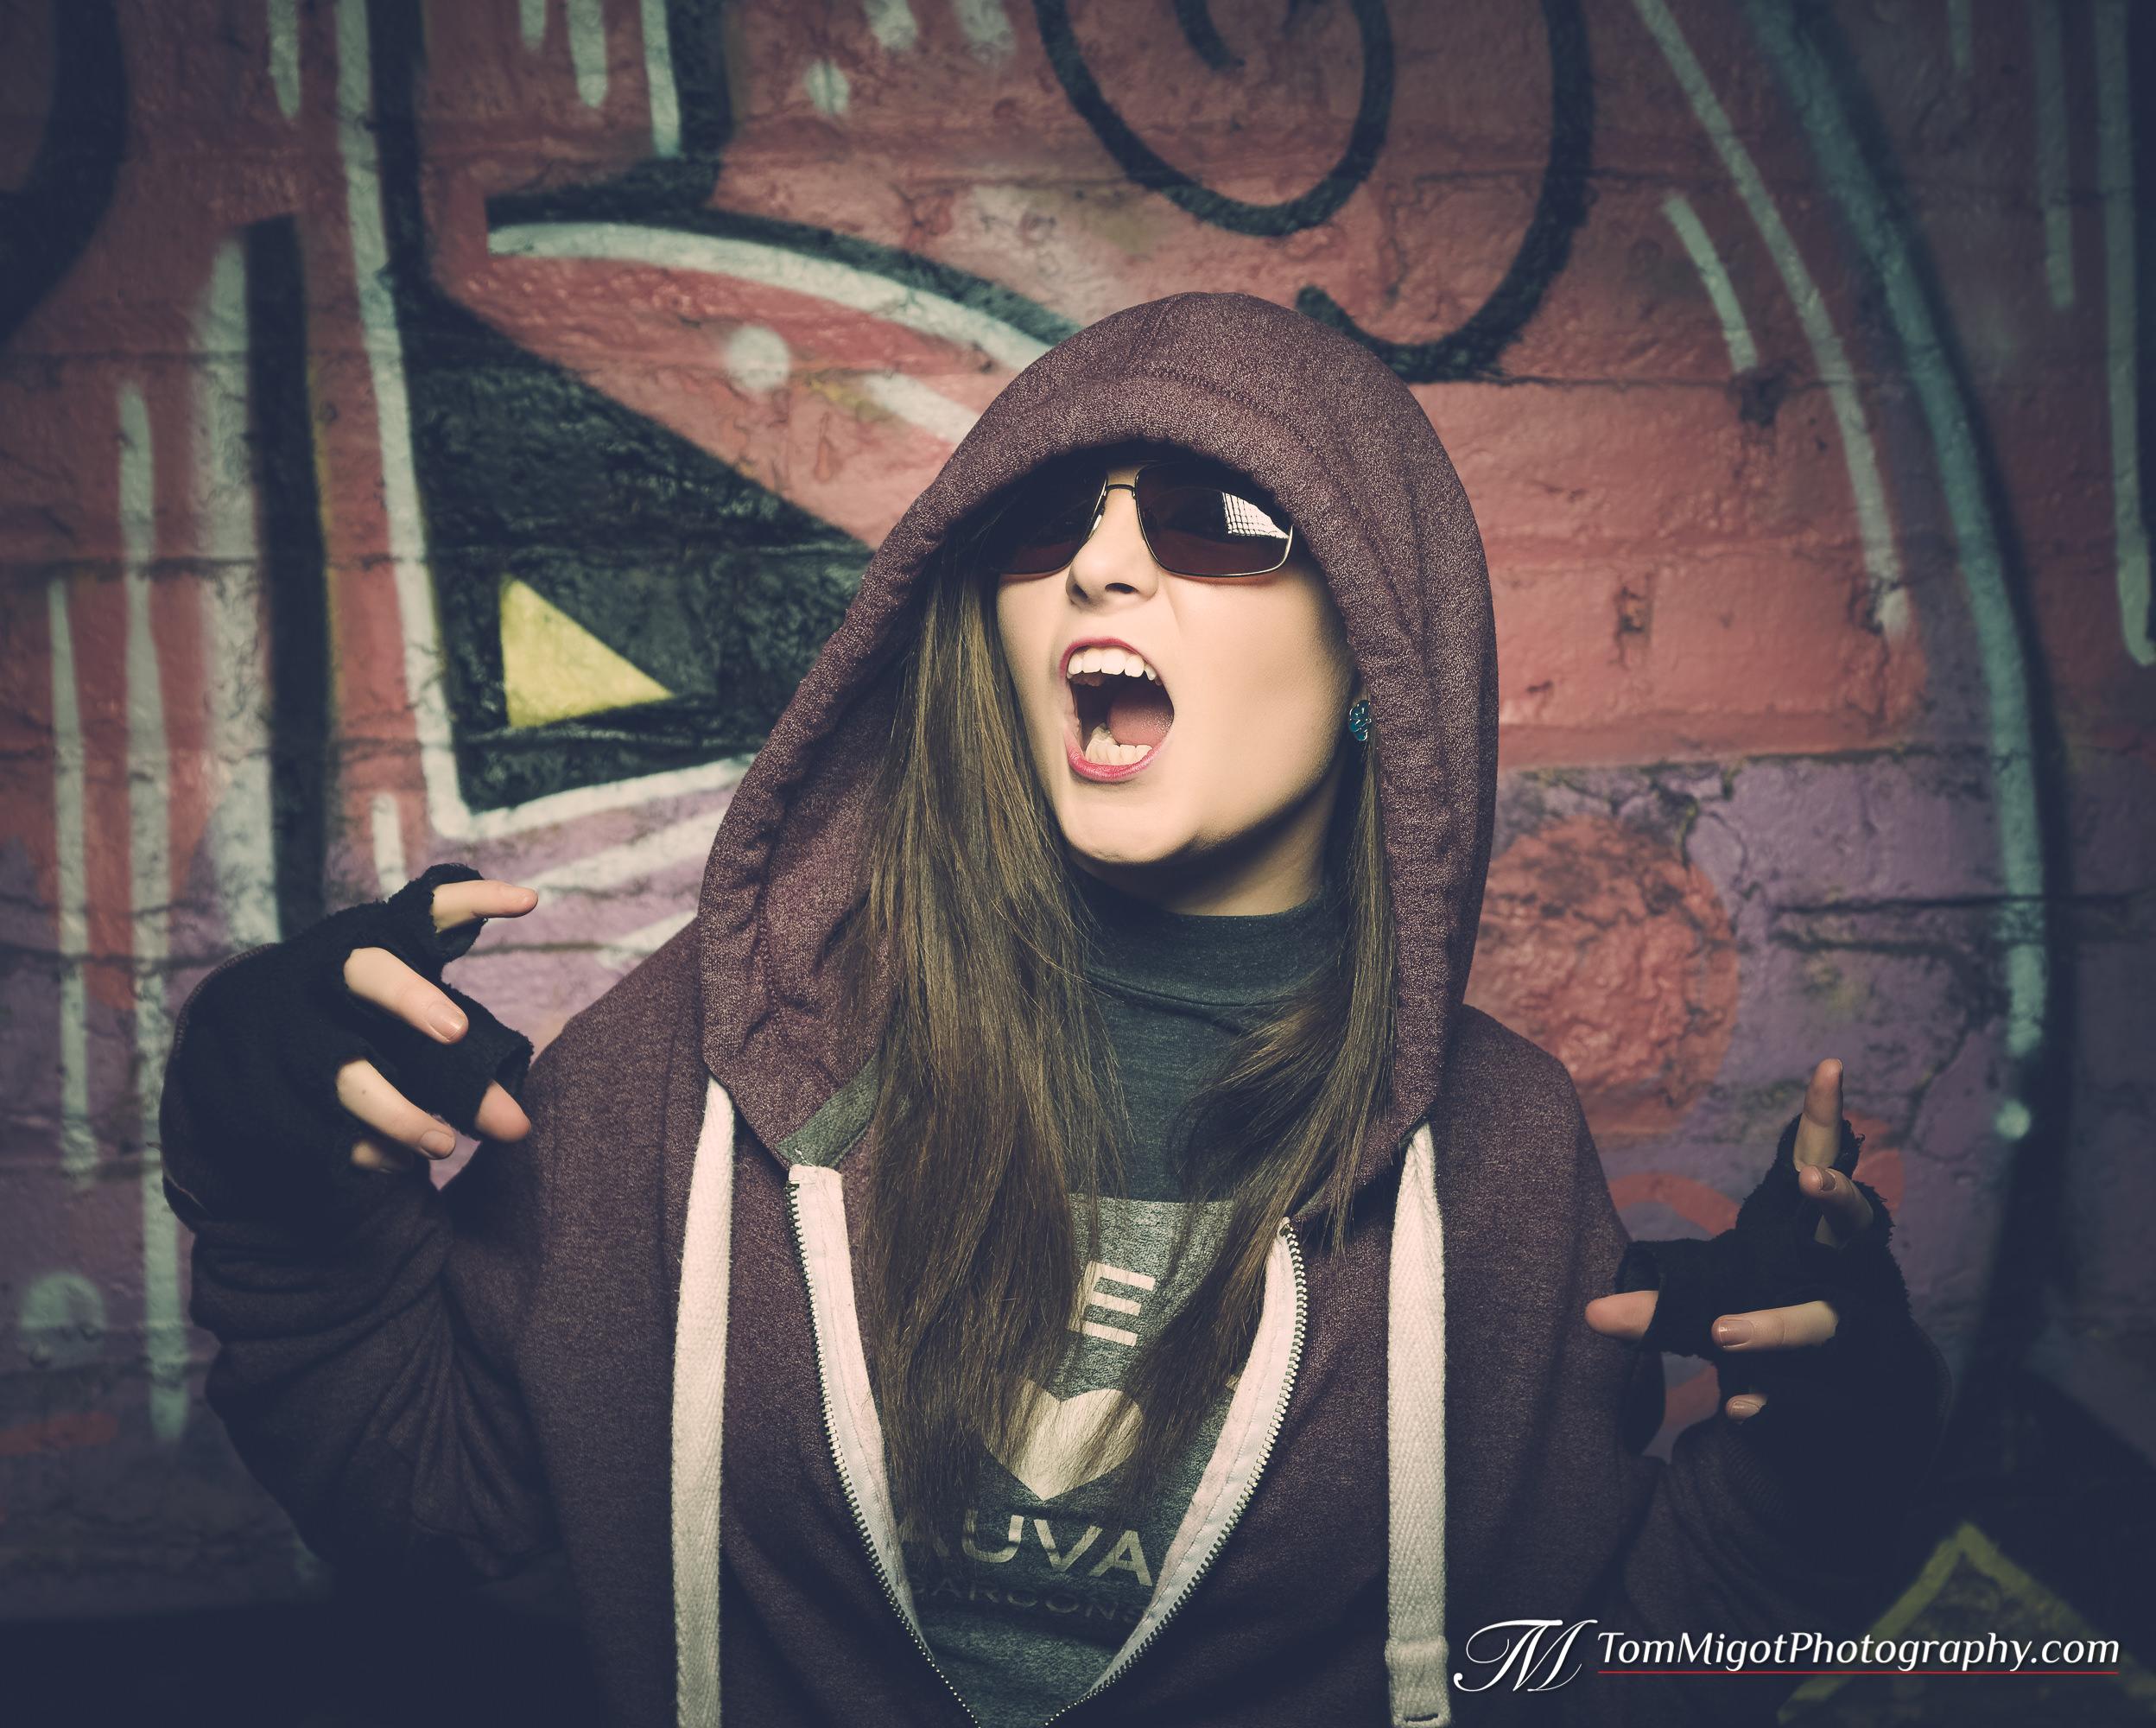 Portrait d'une jeune manequin écossaise dans un sousterrain avec des graffitis